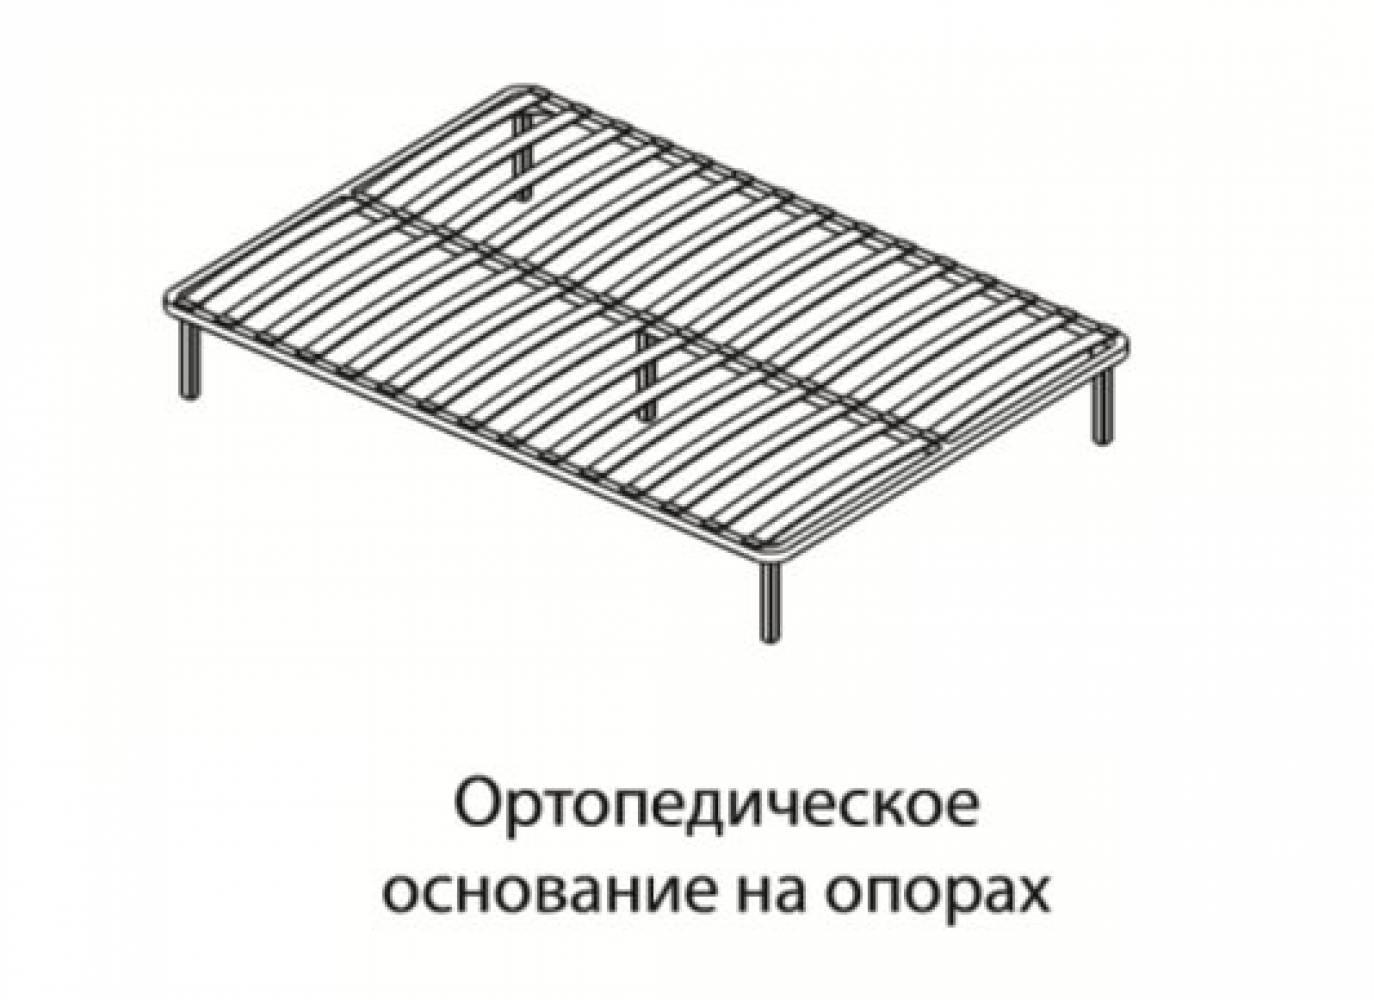 Основание для кроватей 1,4 ортопед на опорах